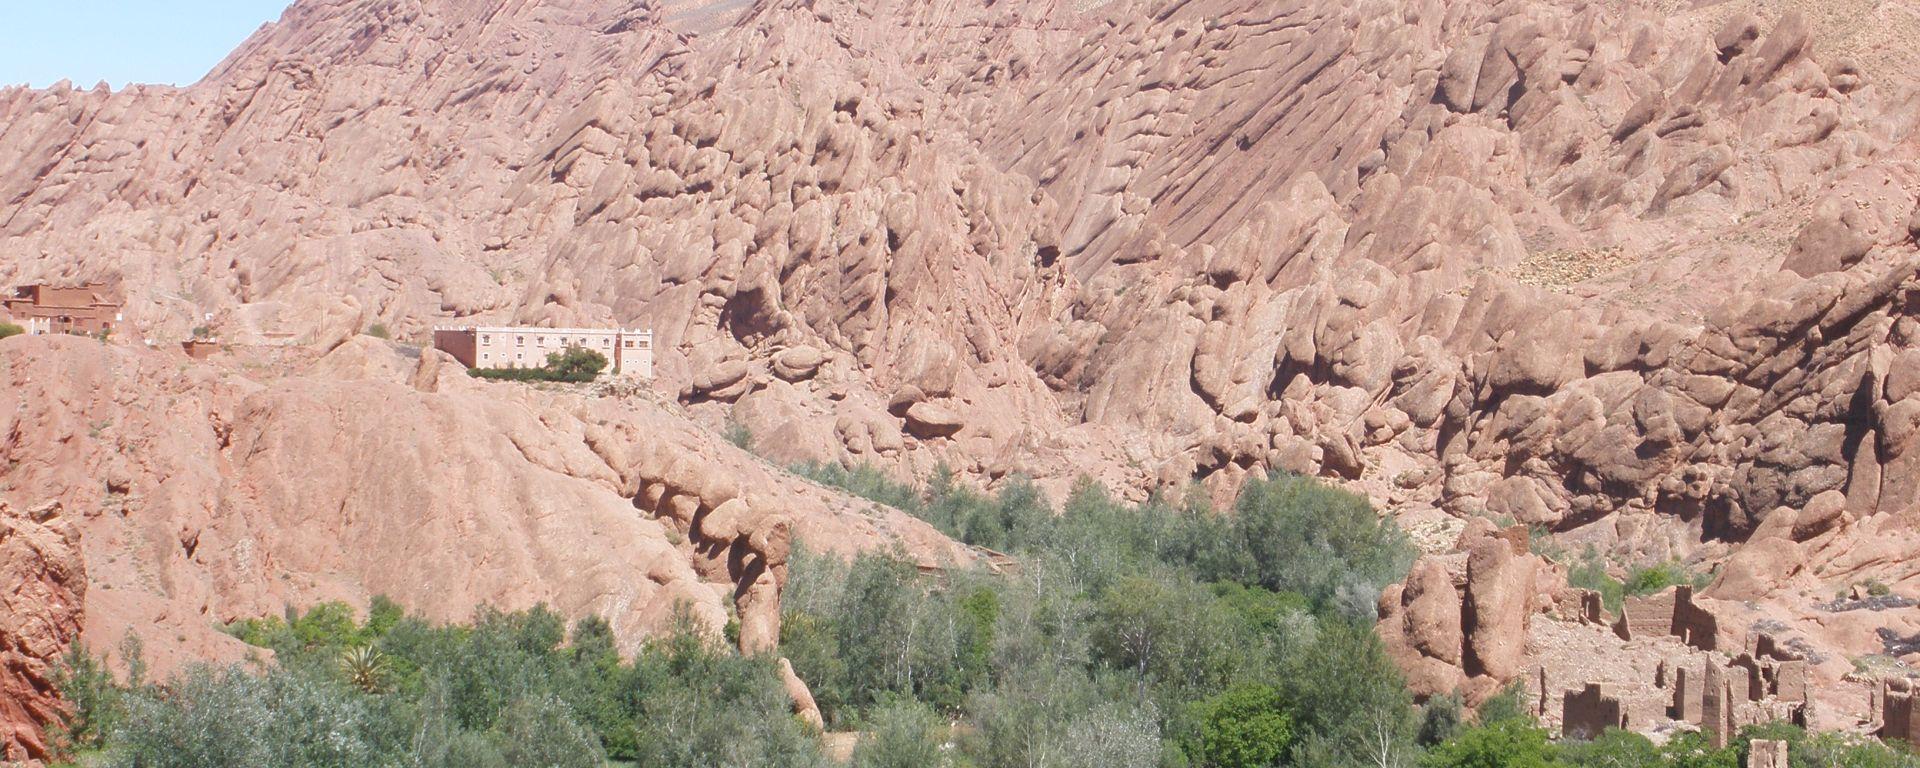 morocco, tinghir